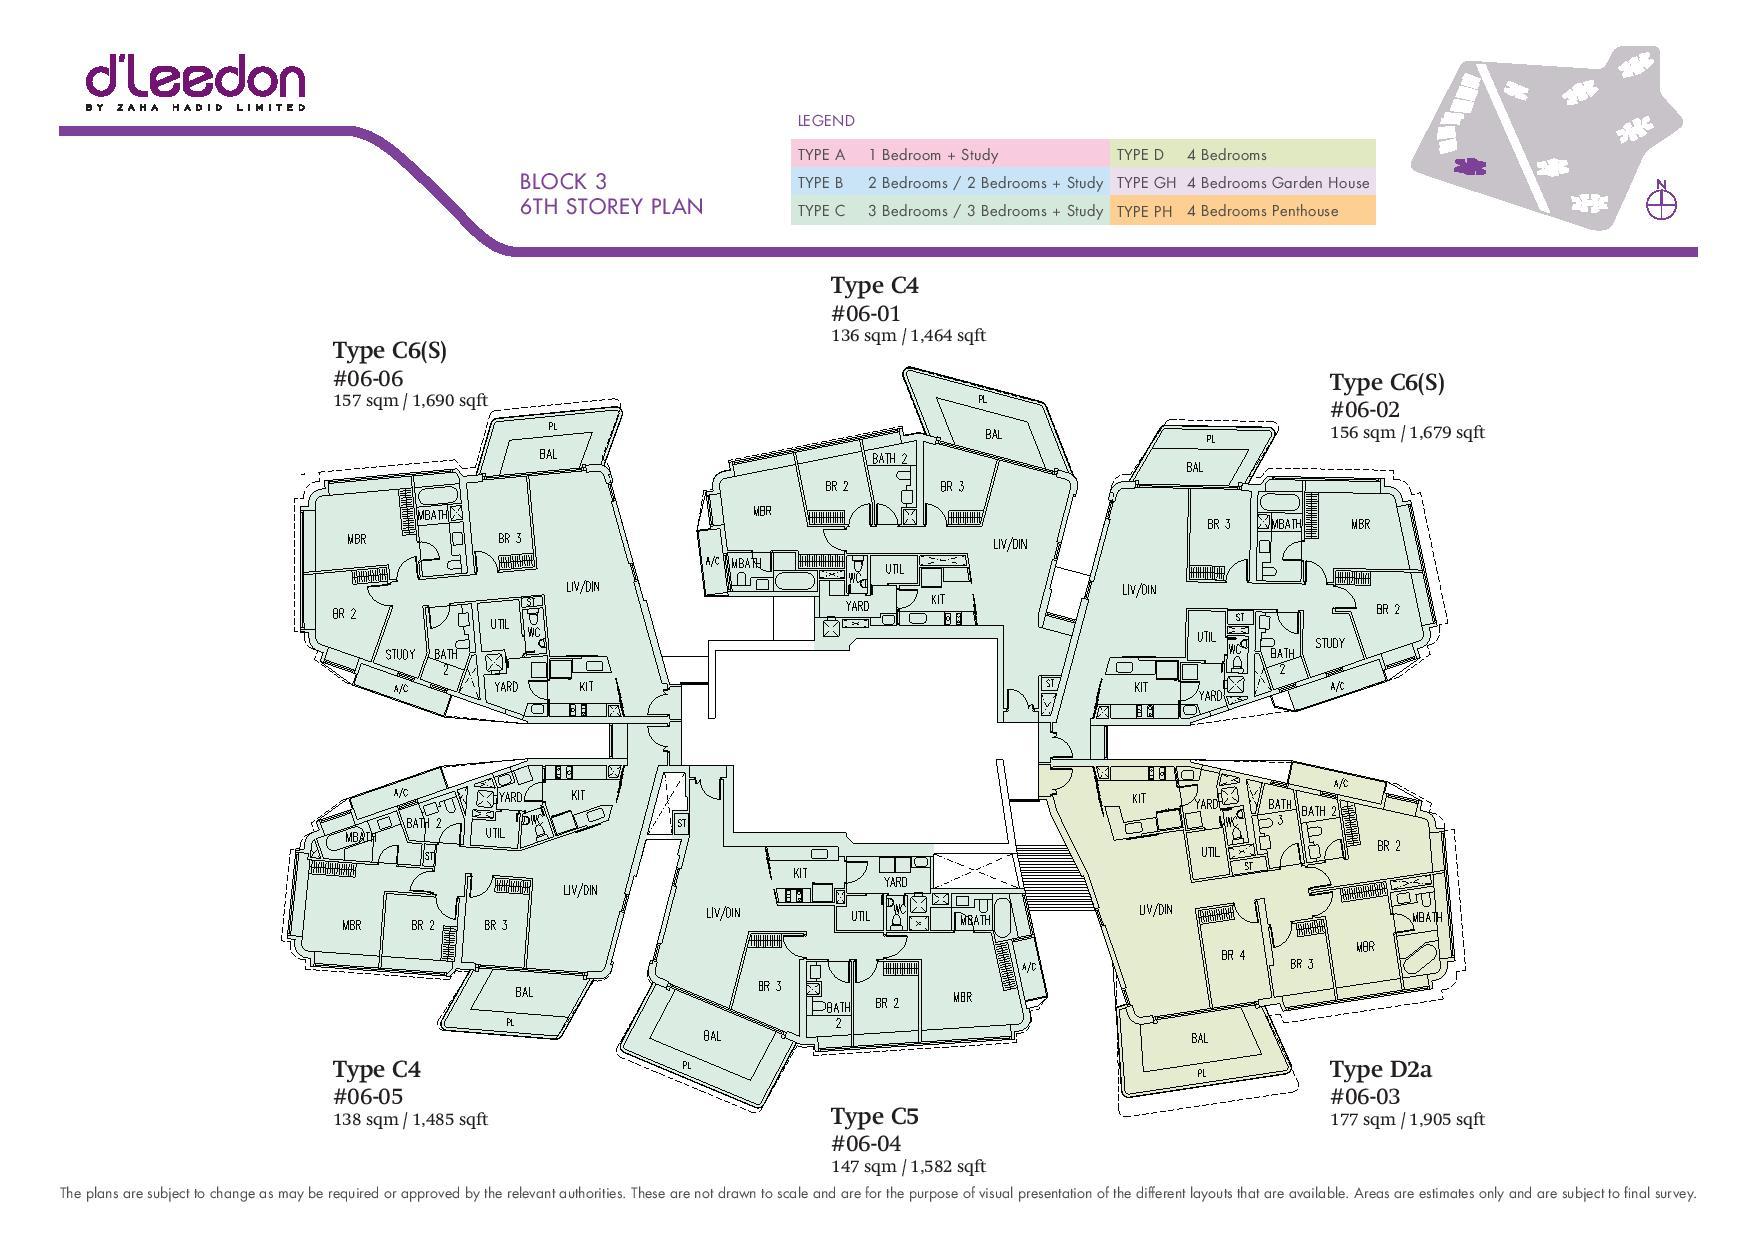 D'Leedon Block 6th Storey Floor Plans